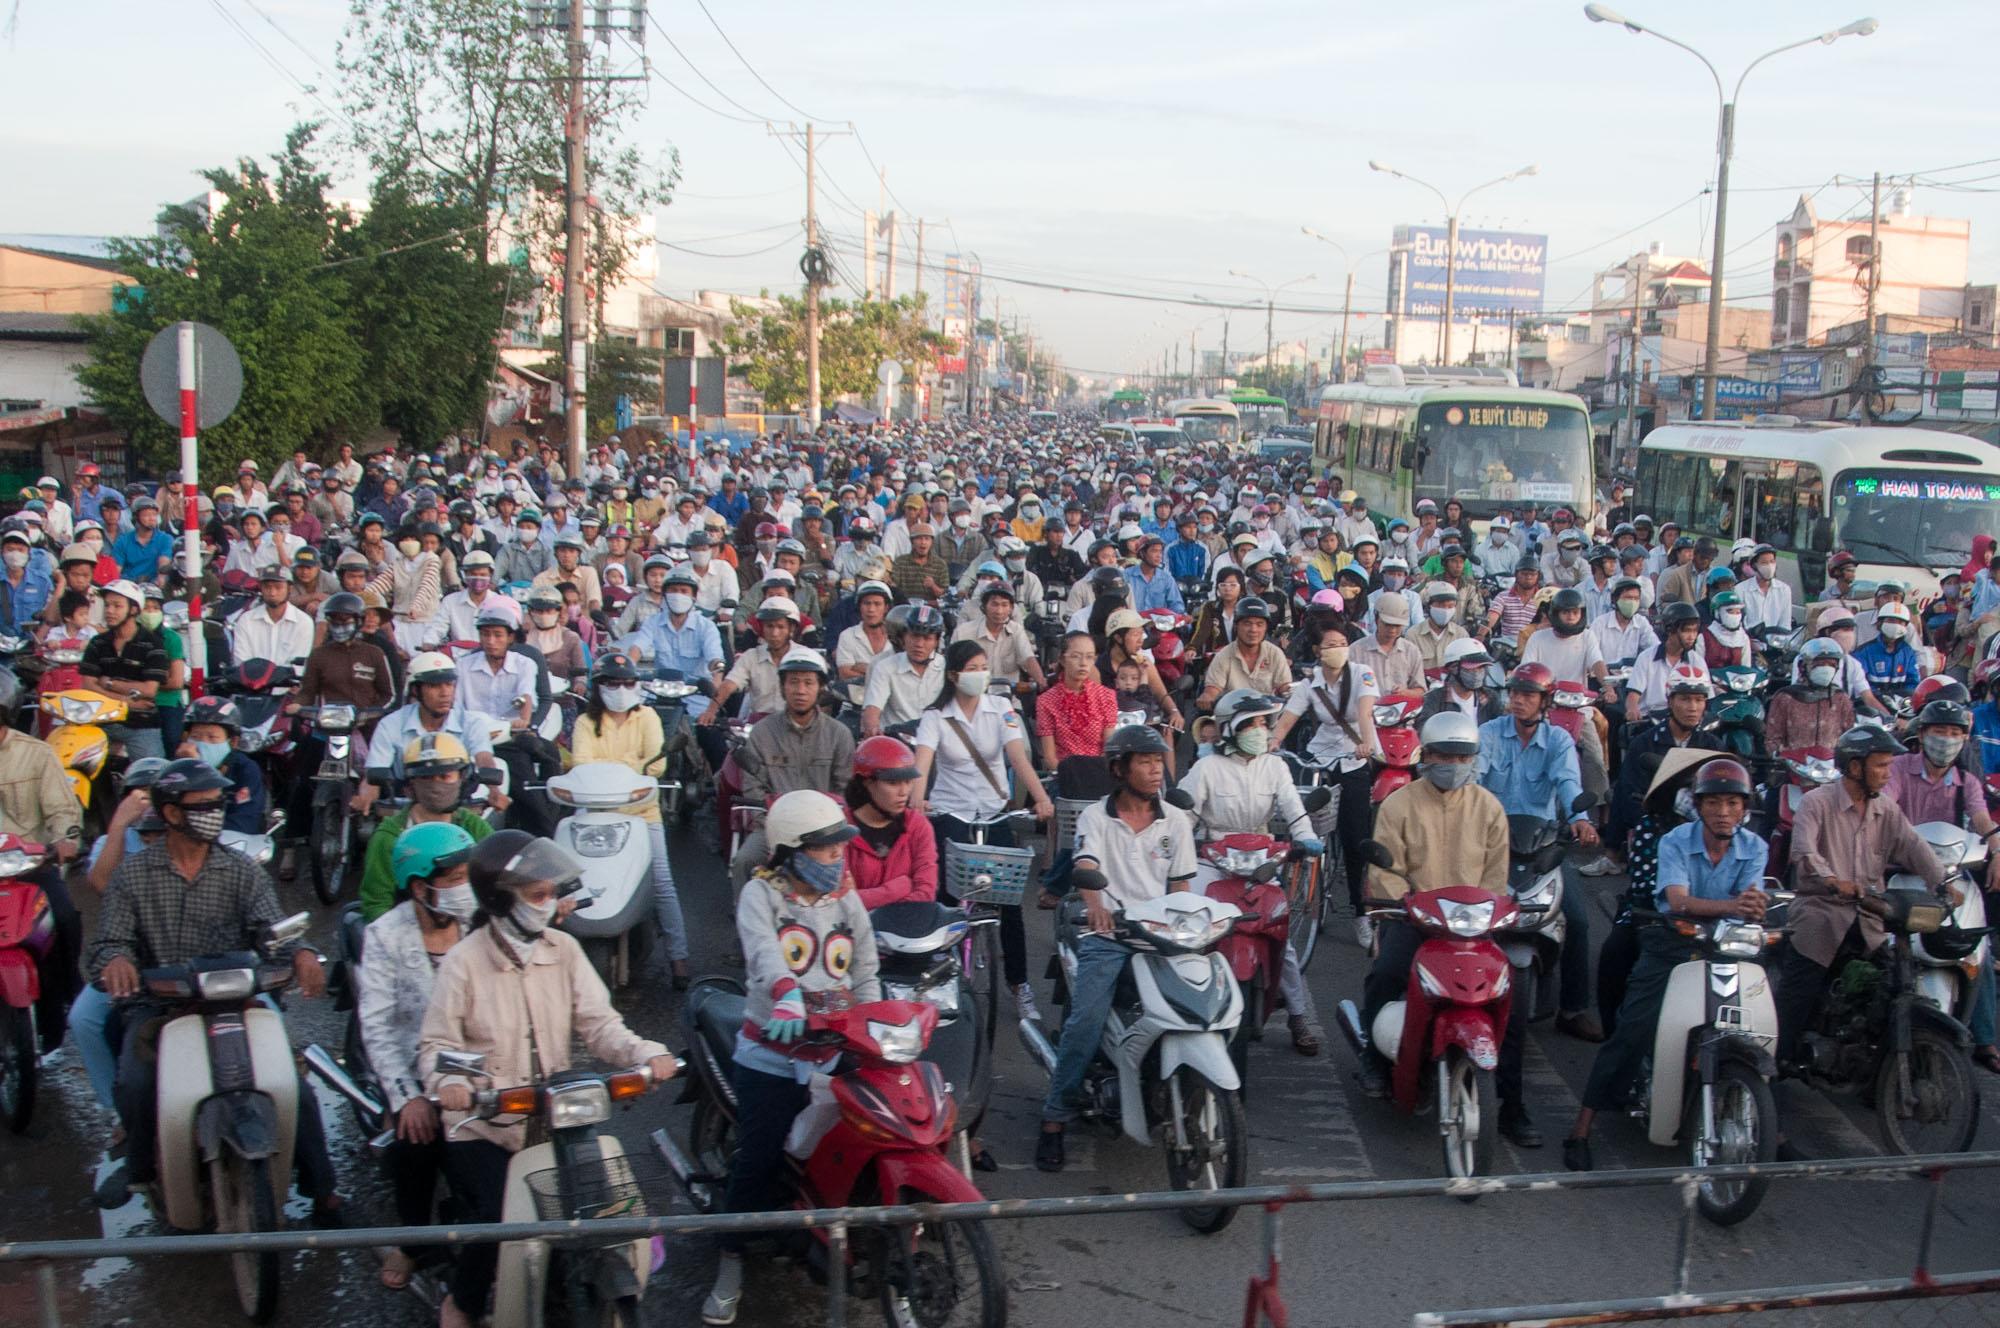 Bild: Mopeds in Ho-Chi-Minh-Stadt am Bahnschranken - Vietnam